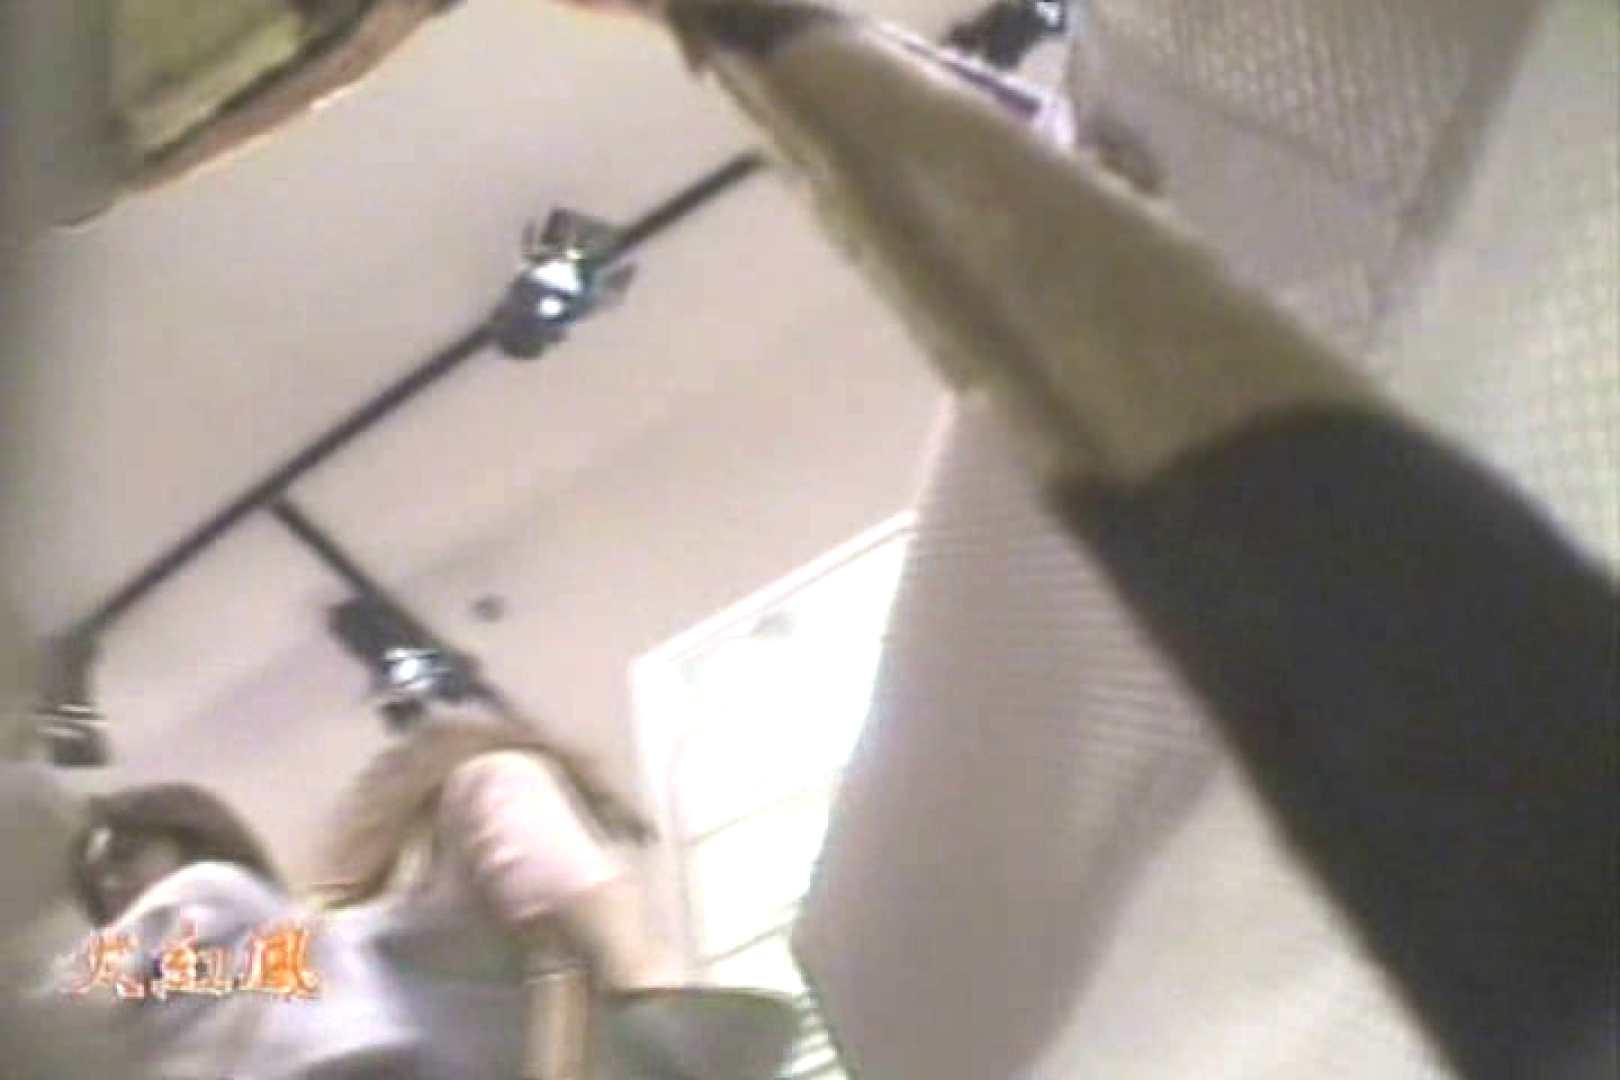 究極カリスマショップ逆さ撮り 完全保存版02 おまんこ   オマンコ全開  58PIX 5